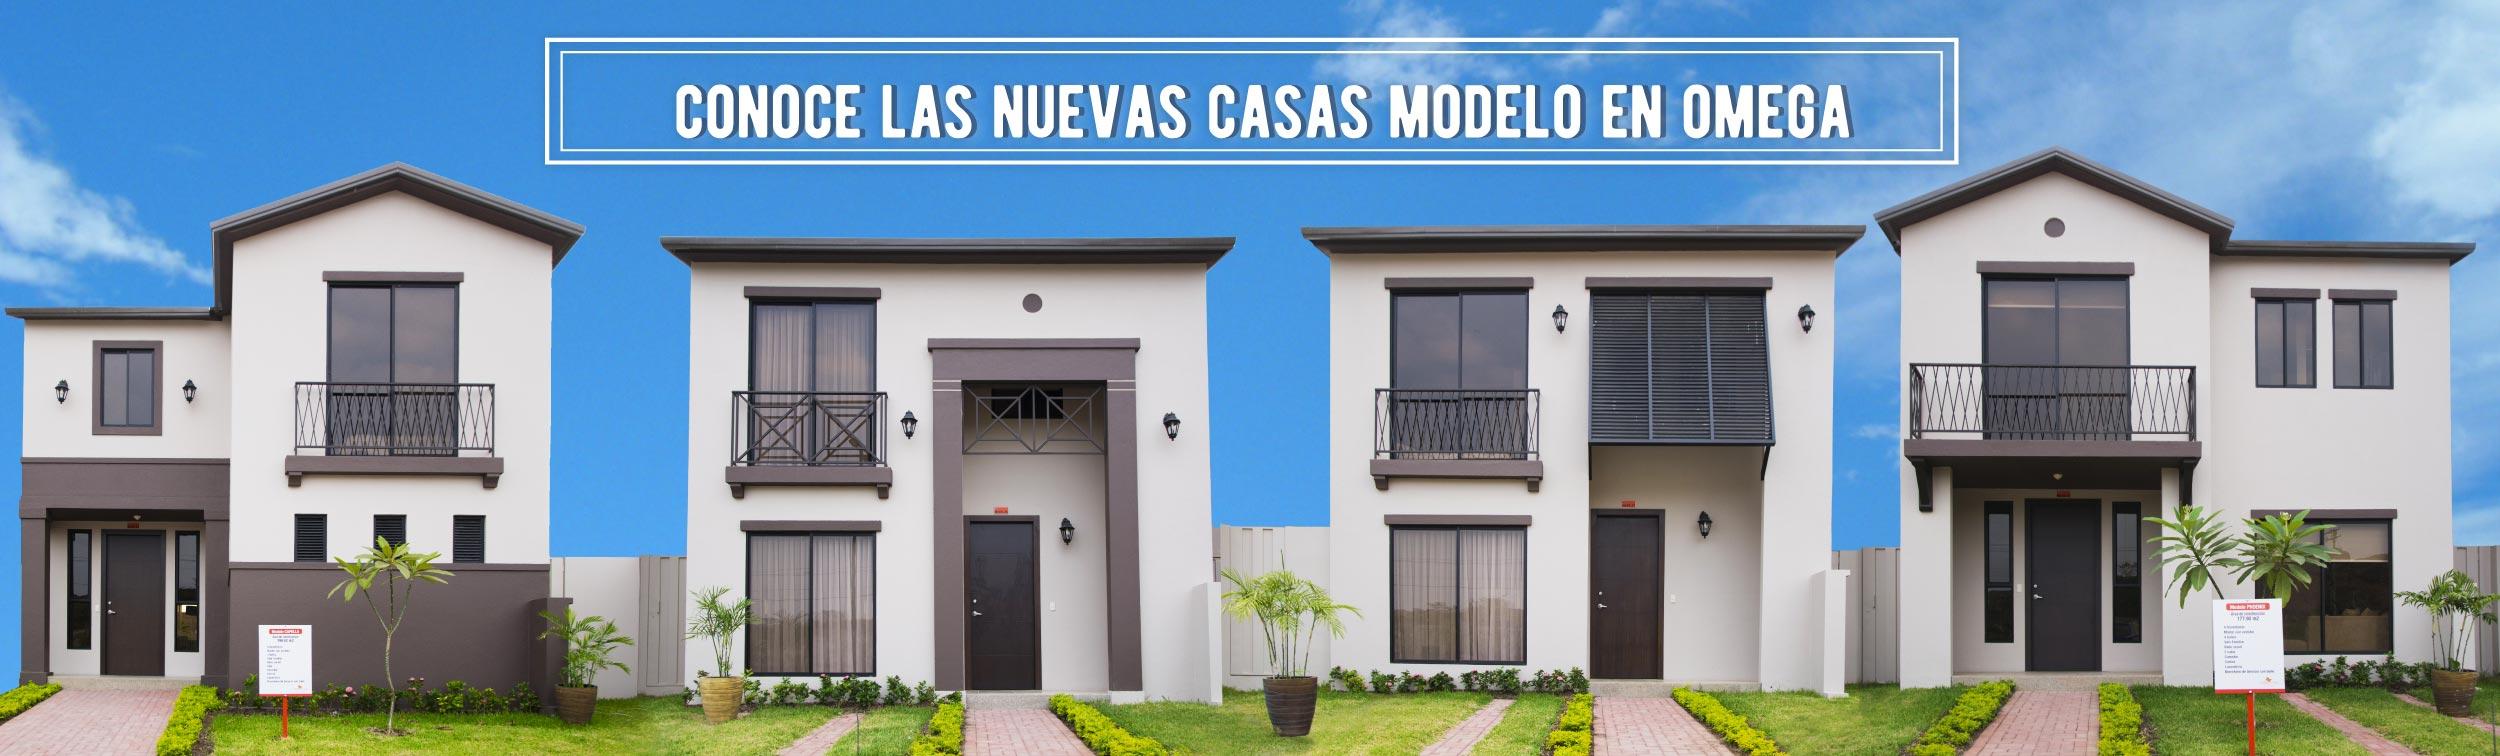 Villa club venta de casas cerca de guayaquil la aurora for Modelo de casas villa club